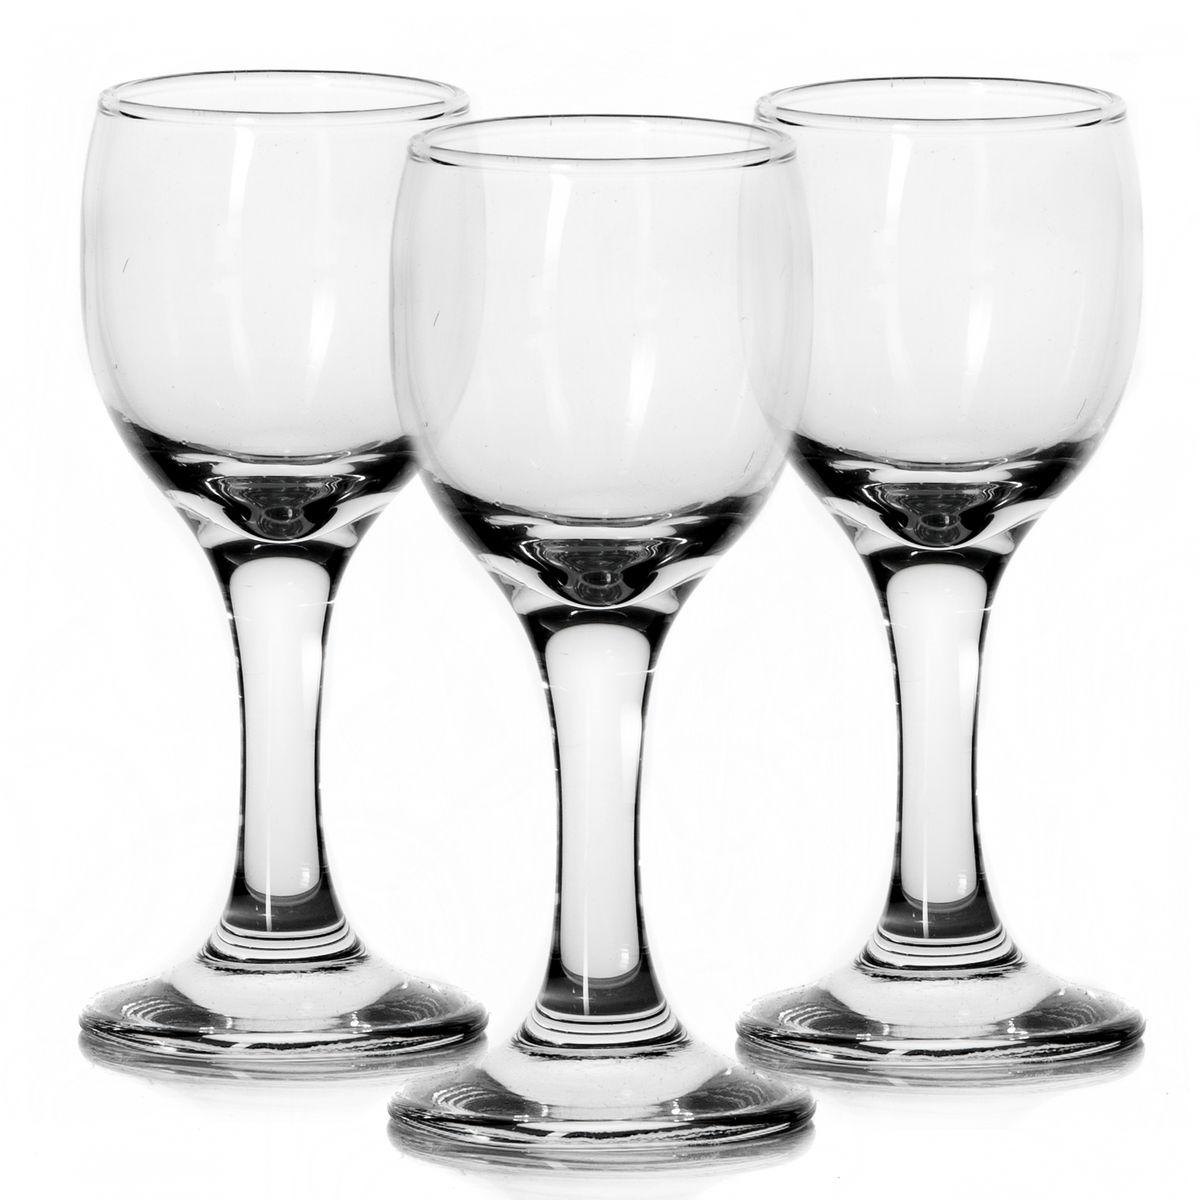 Набор рюмок Pasabahce Bistro, 60 мл, 3 штFA-5125-1 BlueНабор Pasabahce Bistro состоит из трех рюмок, выполненных из прочного натрий-кальций-силикатного стекла. Изделия оснащены изящными ножками. Рюмки сочетают в себе элегантный дизайн и функциональность. Благодаря такому набору пить напитки будет еще вкуснее.Набор рюмок Pasabahce Bistro прекрасно оформит праздничный стол и создаст приятную атмосферу за ужином. Такой набор также станет хорошим подарком к любому случаю. Можно мыть в посудомоечной машине и использовать в микроволновой печи.Диаметр рюмки (по верхнему краю): 4,5 см. Высота рюмки: 11 см.